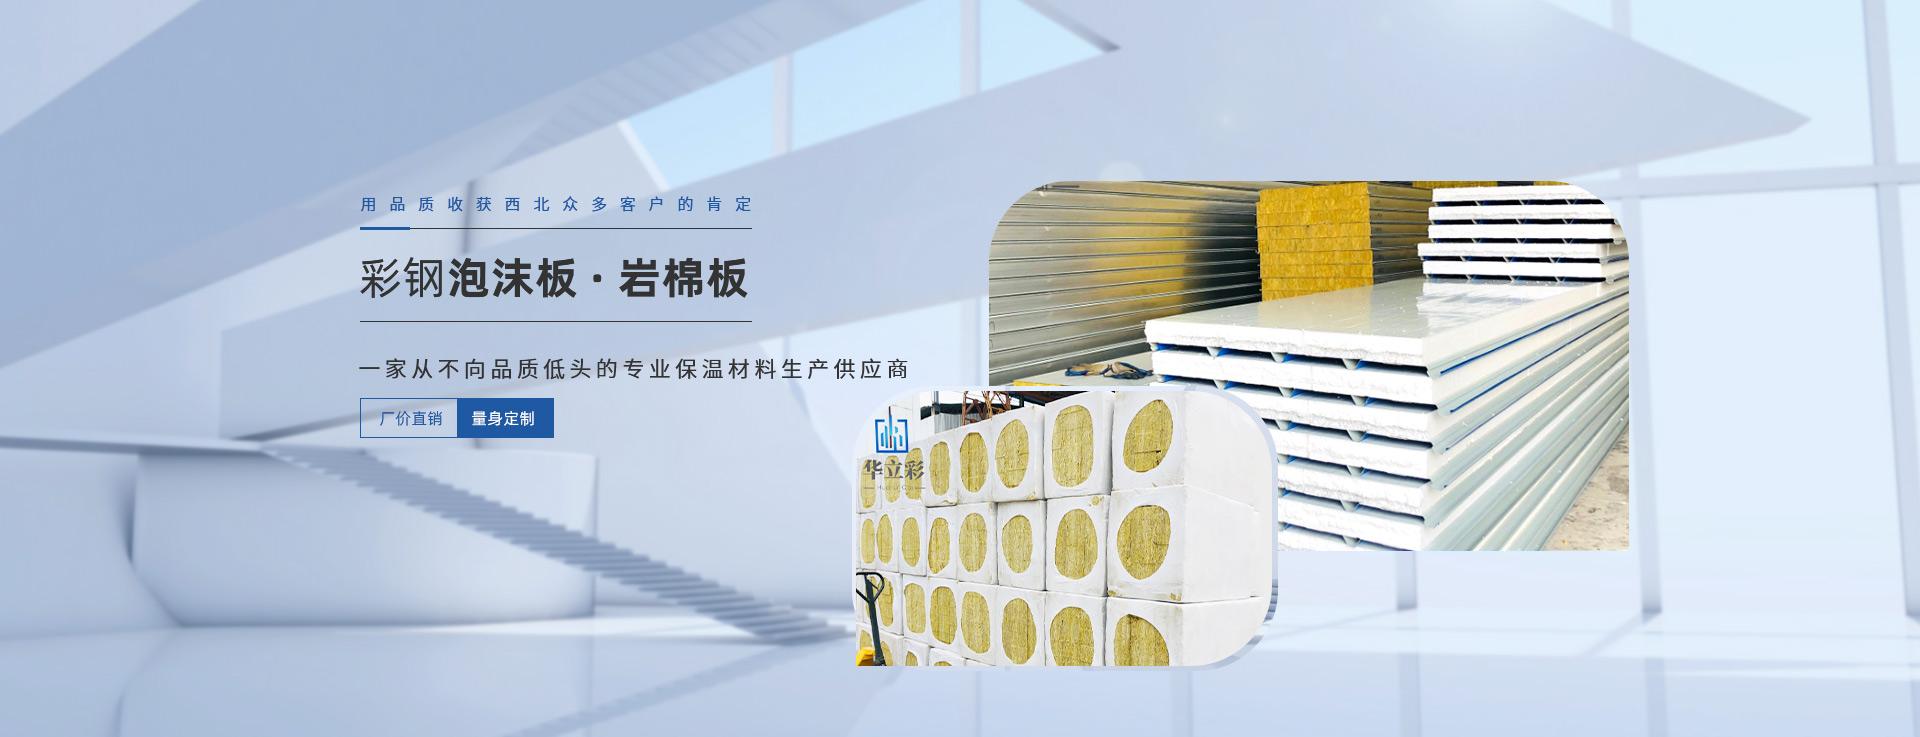 陕西彩钢岩棉板生产